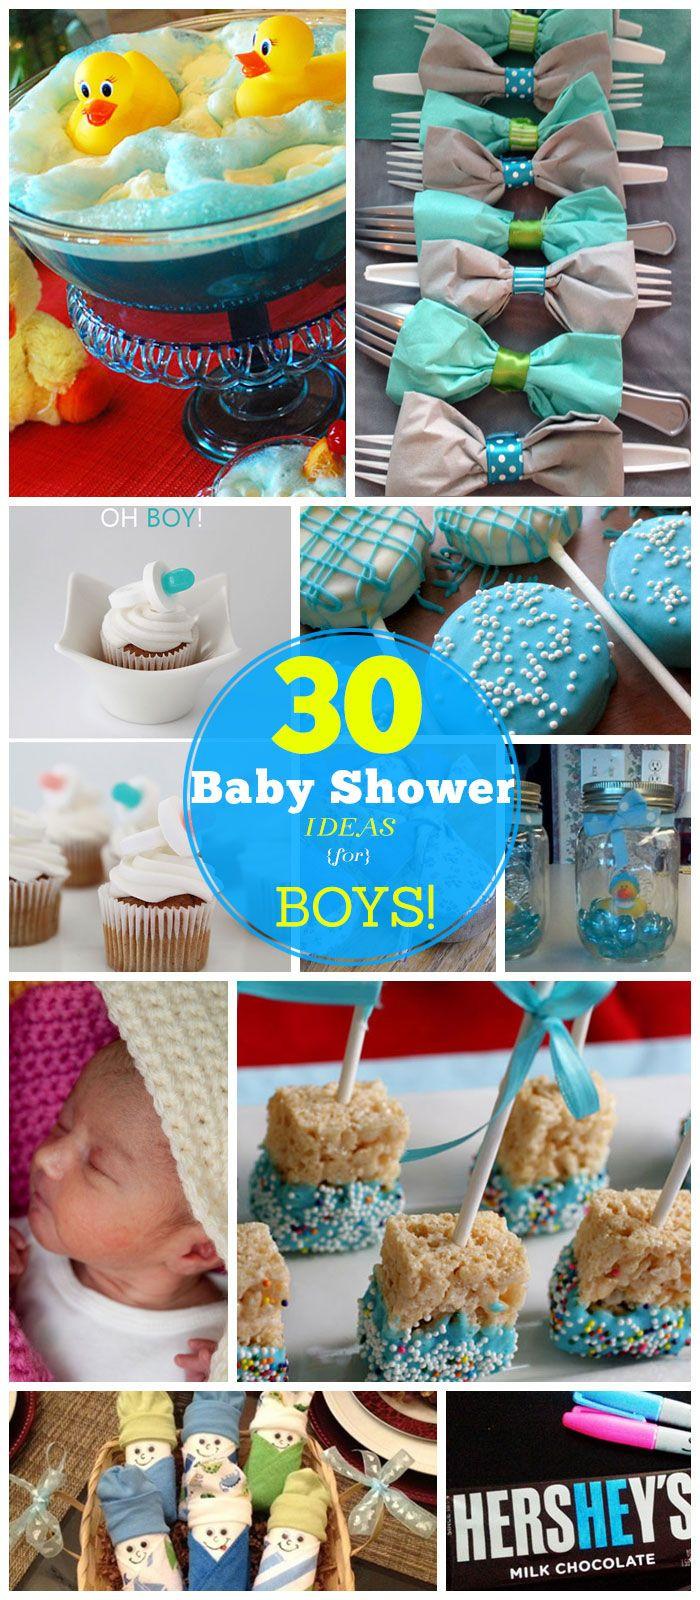 DIY Baby Shower Ideas For A Boy  20 DIY Baby Shower Ideas for Boys